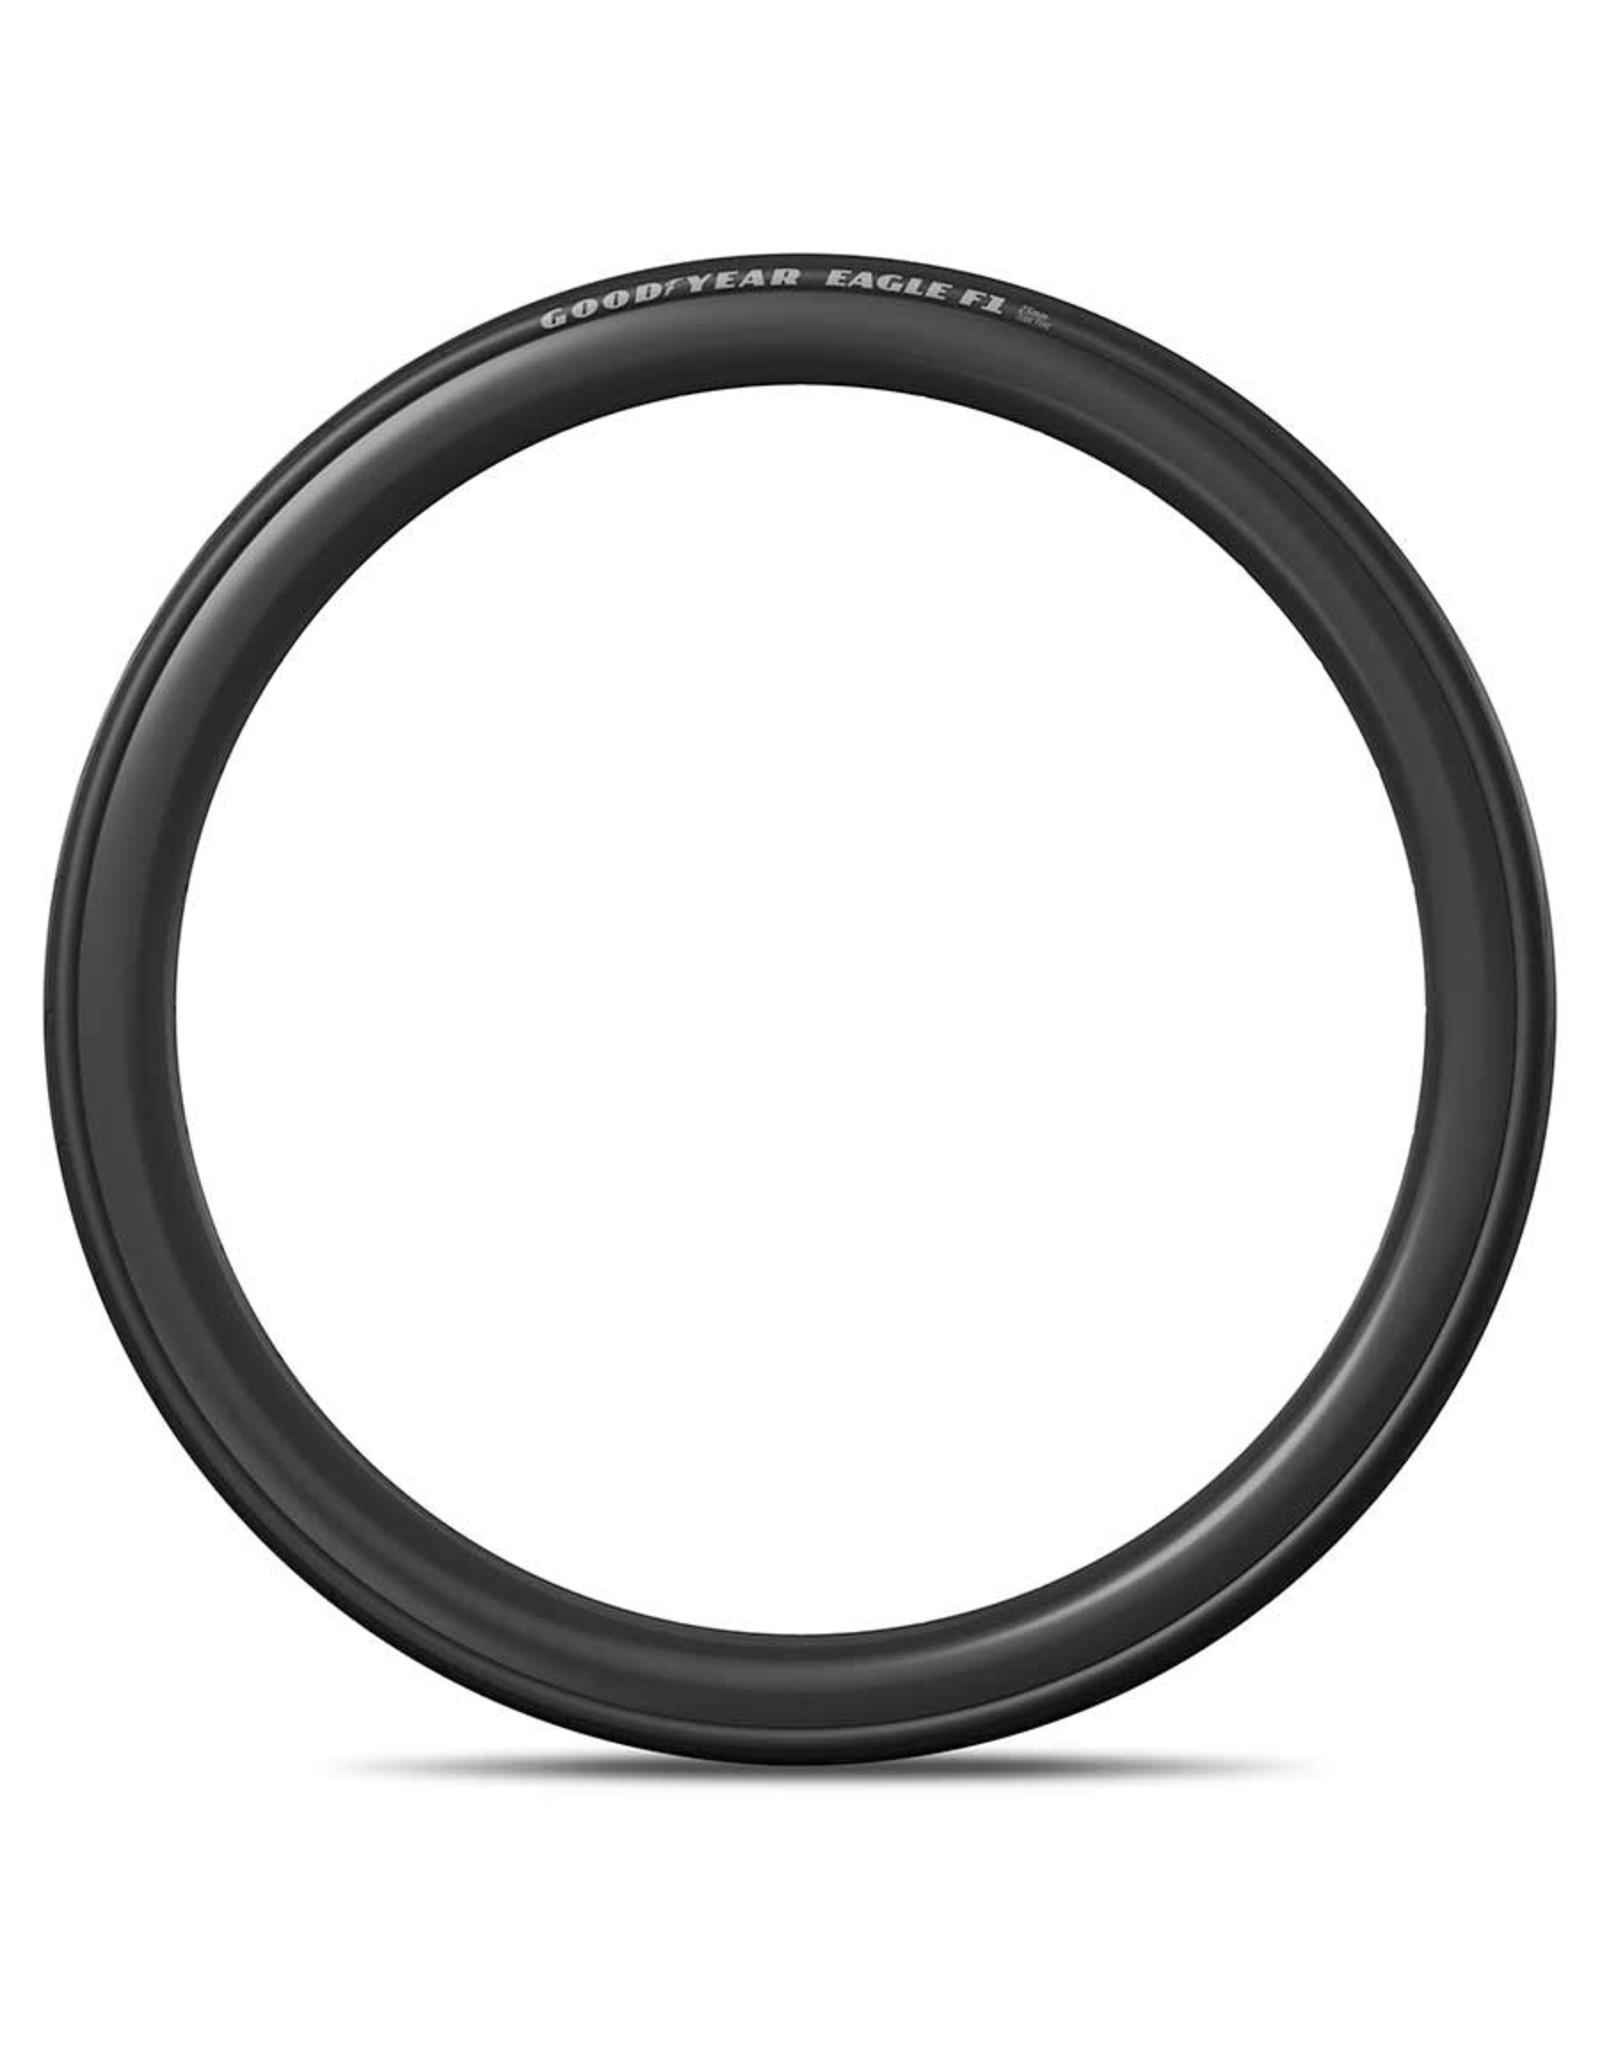 Goodyear, Eagle F1, Tire, 700x30C, Folding, Clincher, Dynamic:GSR, R:Shield, 120TPI, Black